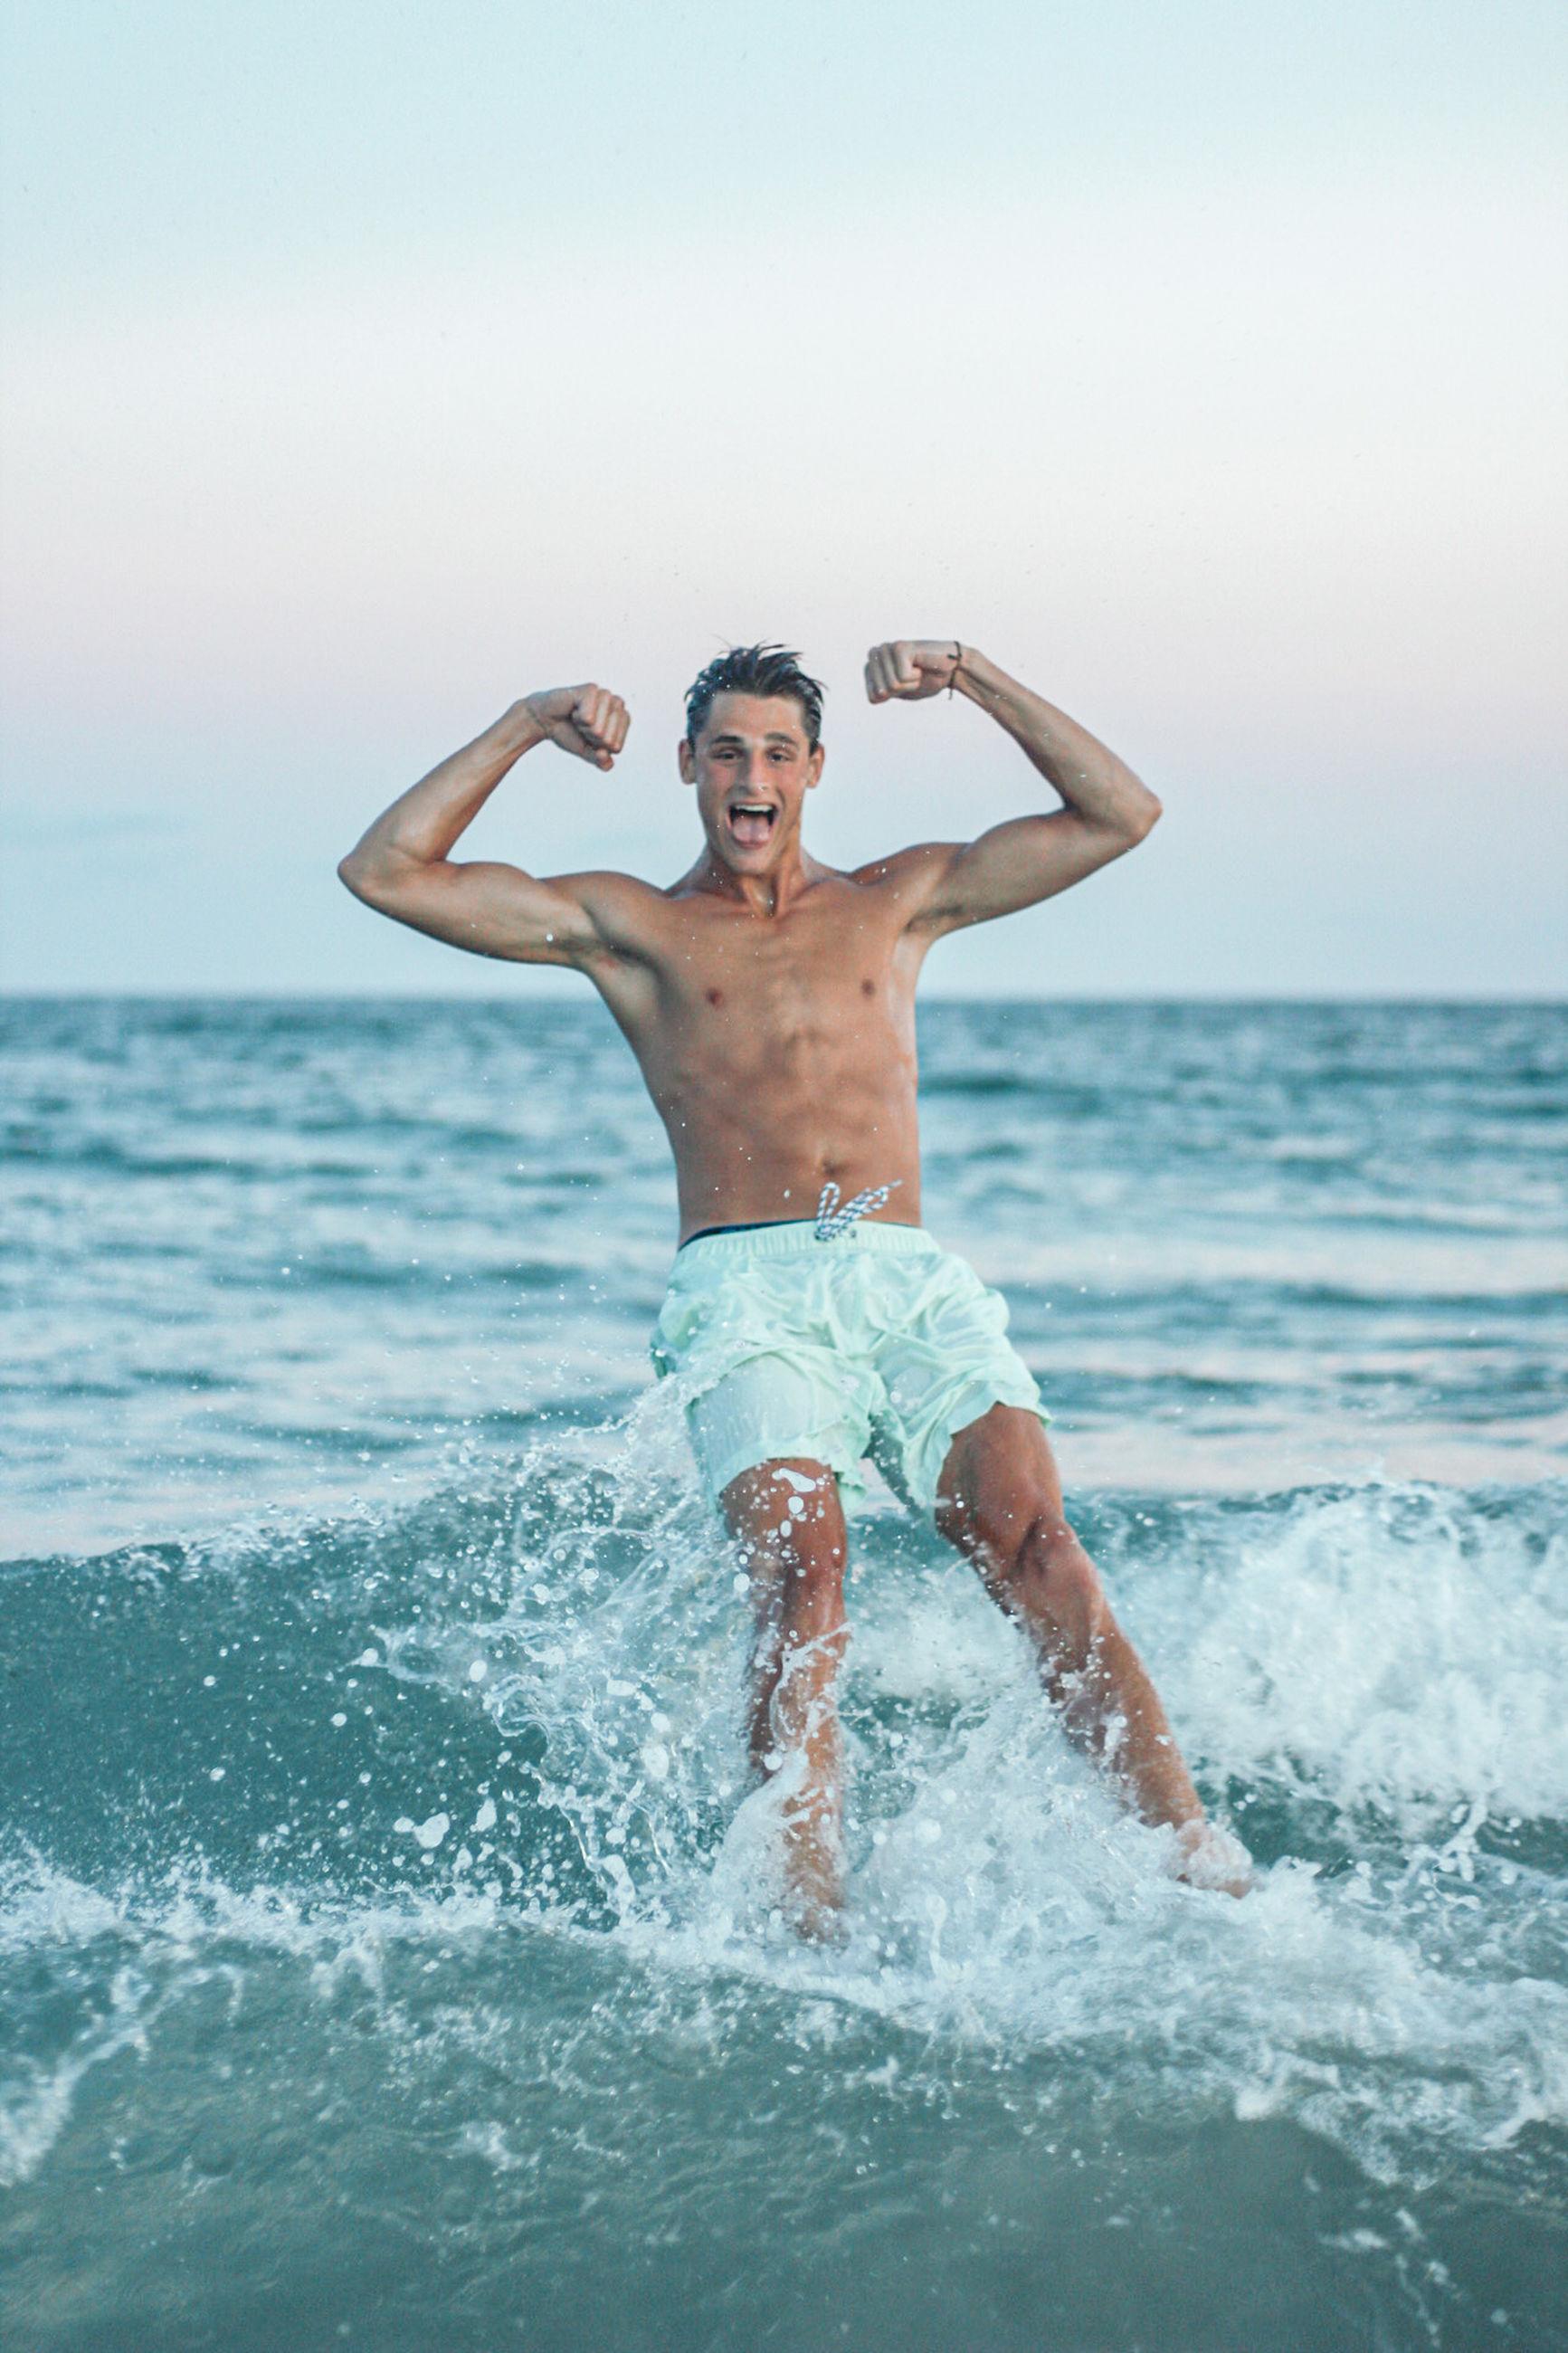 FULL LENGTH OF SHIRTLESS MAN SPLASHING WATER IN SEA